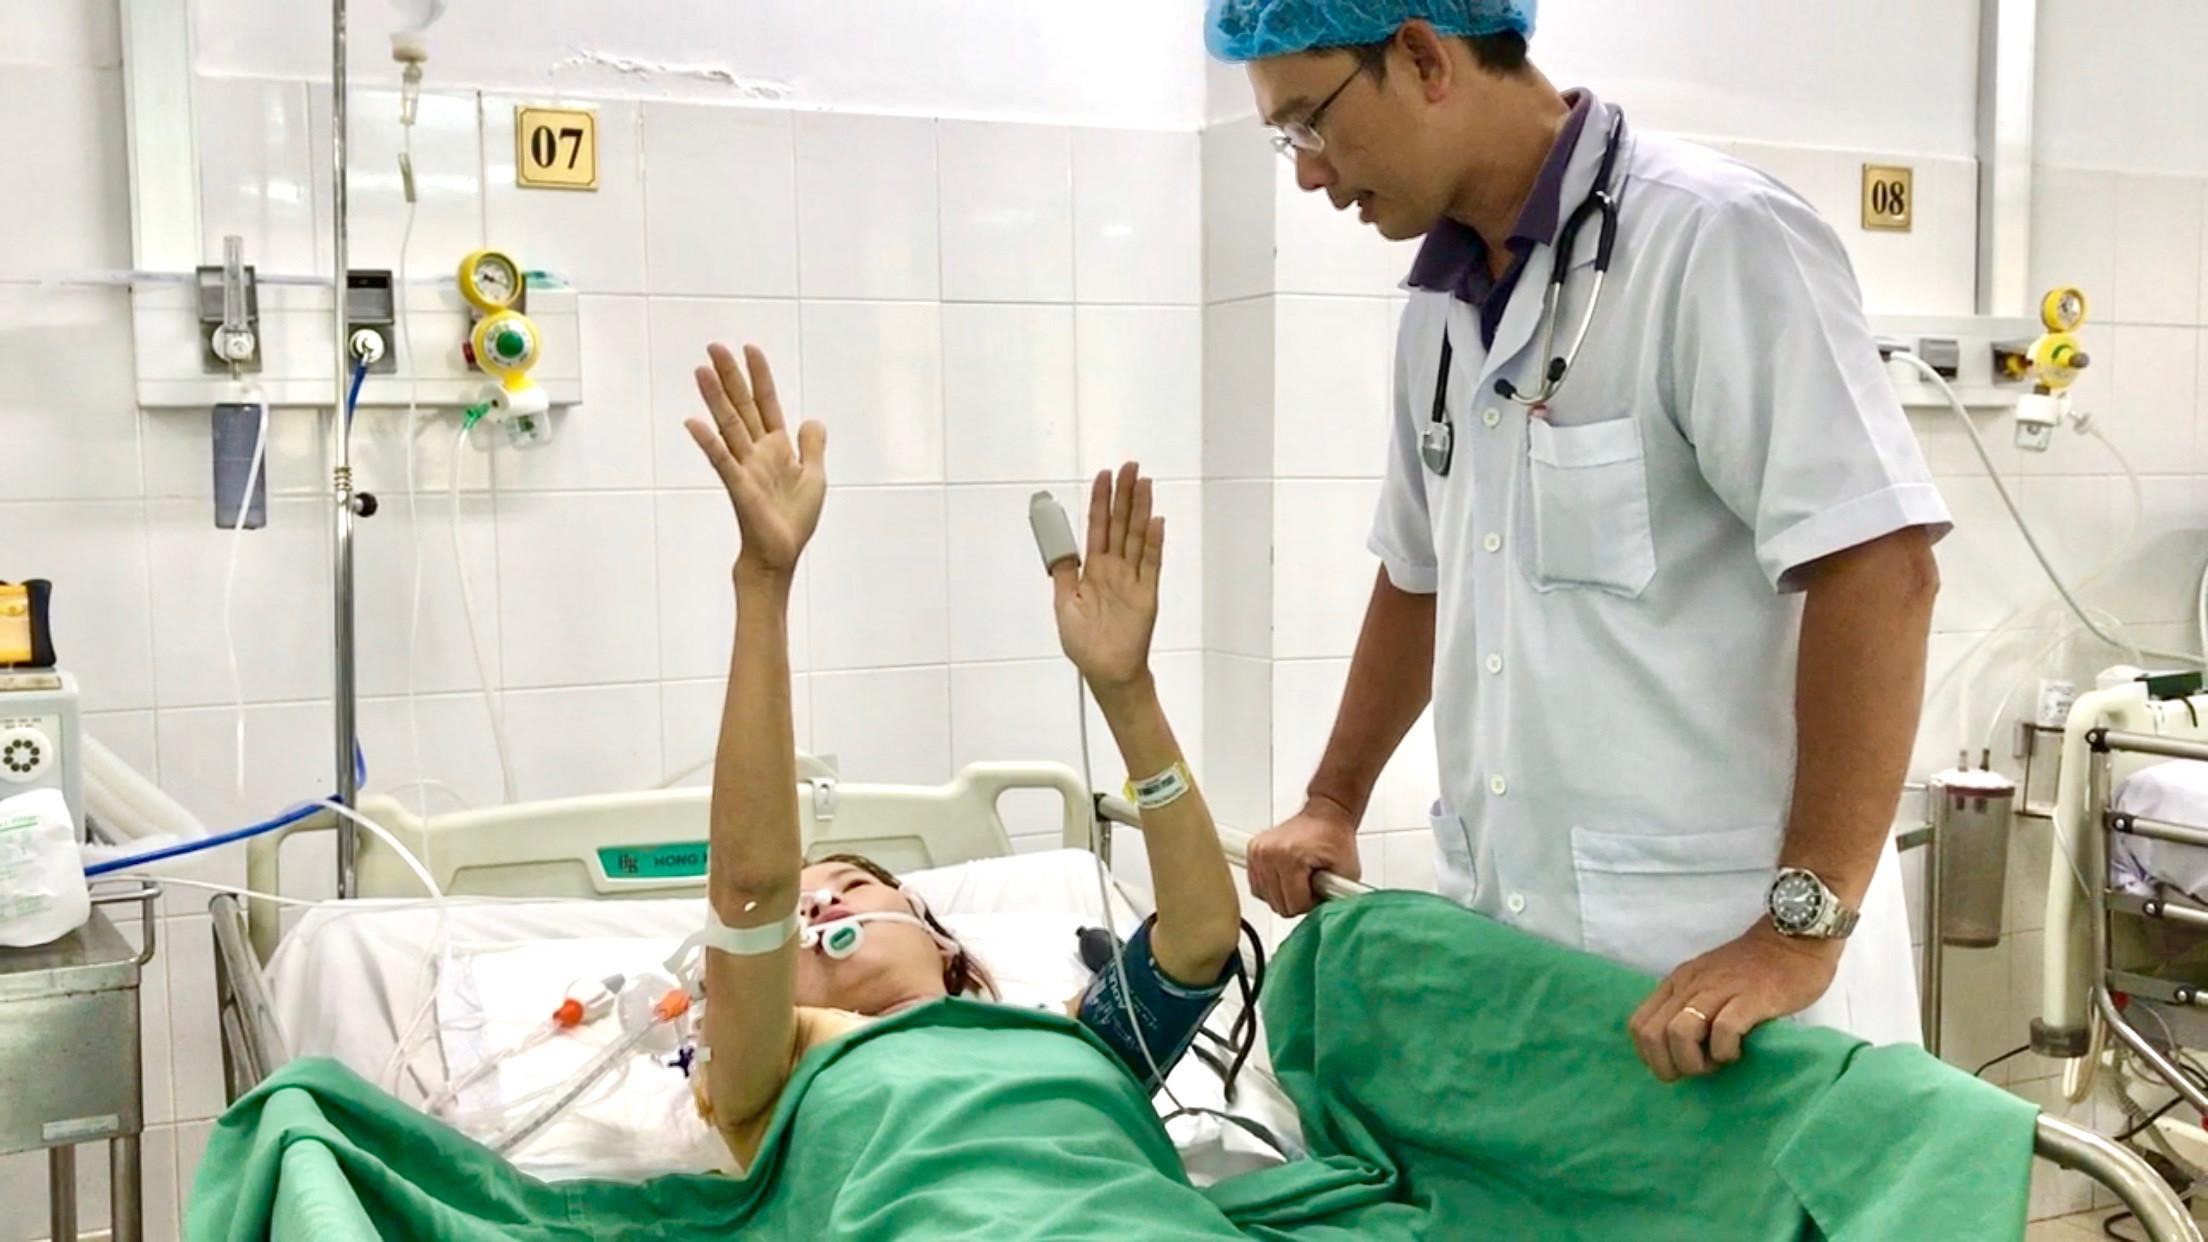 Cứu sống bệnh nhân nữ bị vỡ túi phình mạch máu não Ảnh 1